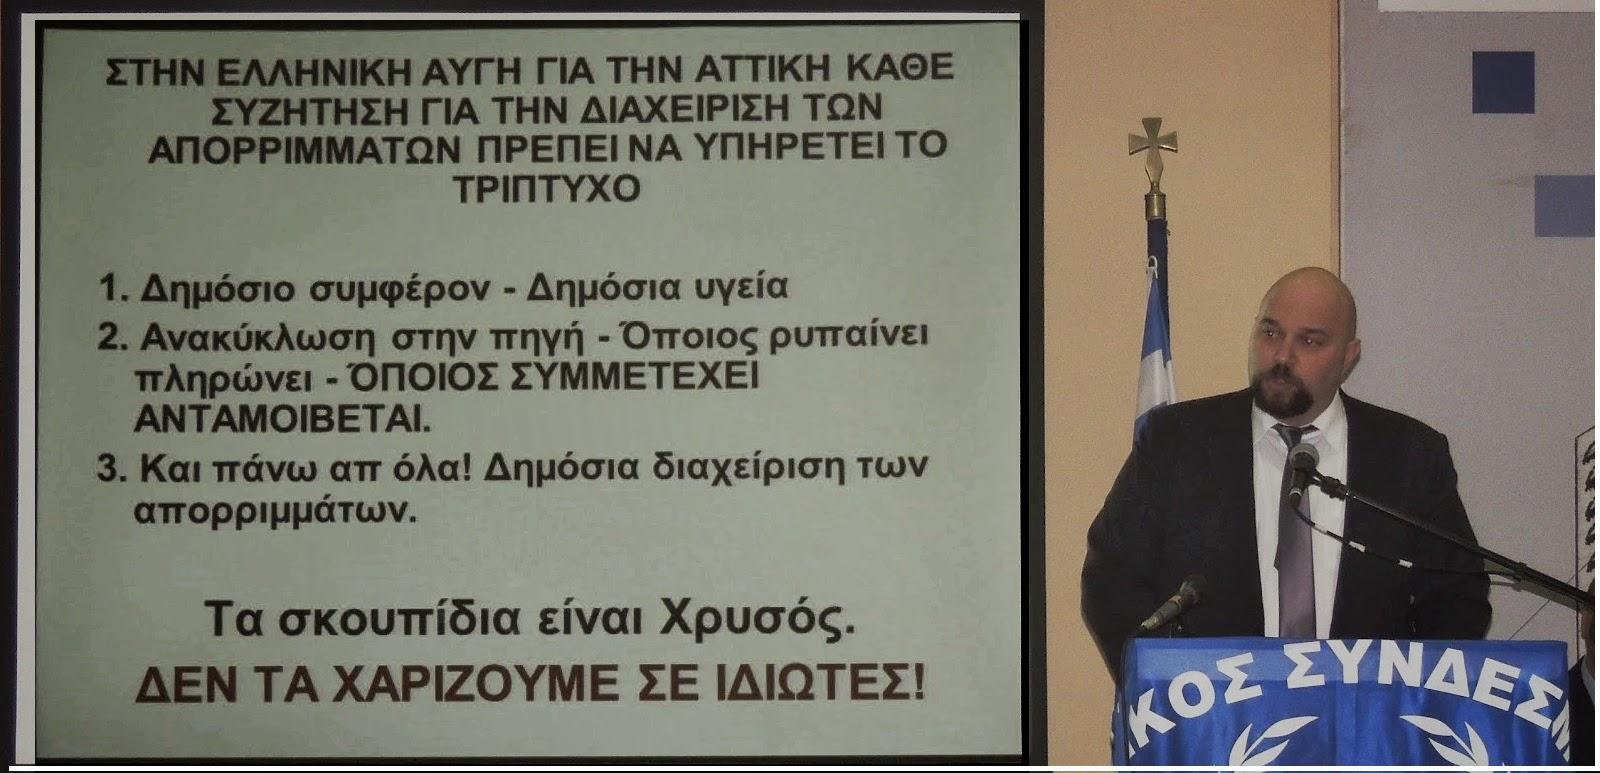 Πλήθος κόσμου παρακολούθησε την παρουσίαση του προγράμματος της Ελληνικής Αυγής για την Αττική για την Διαχείριση των Απορριμάτων